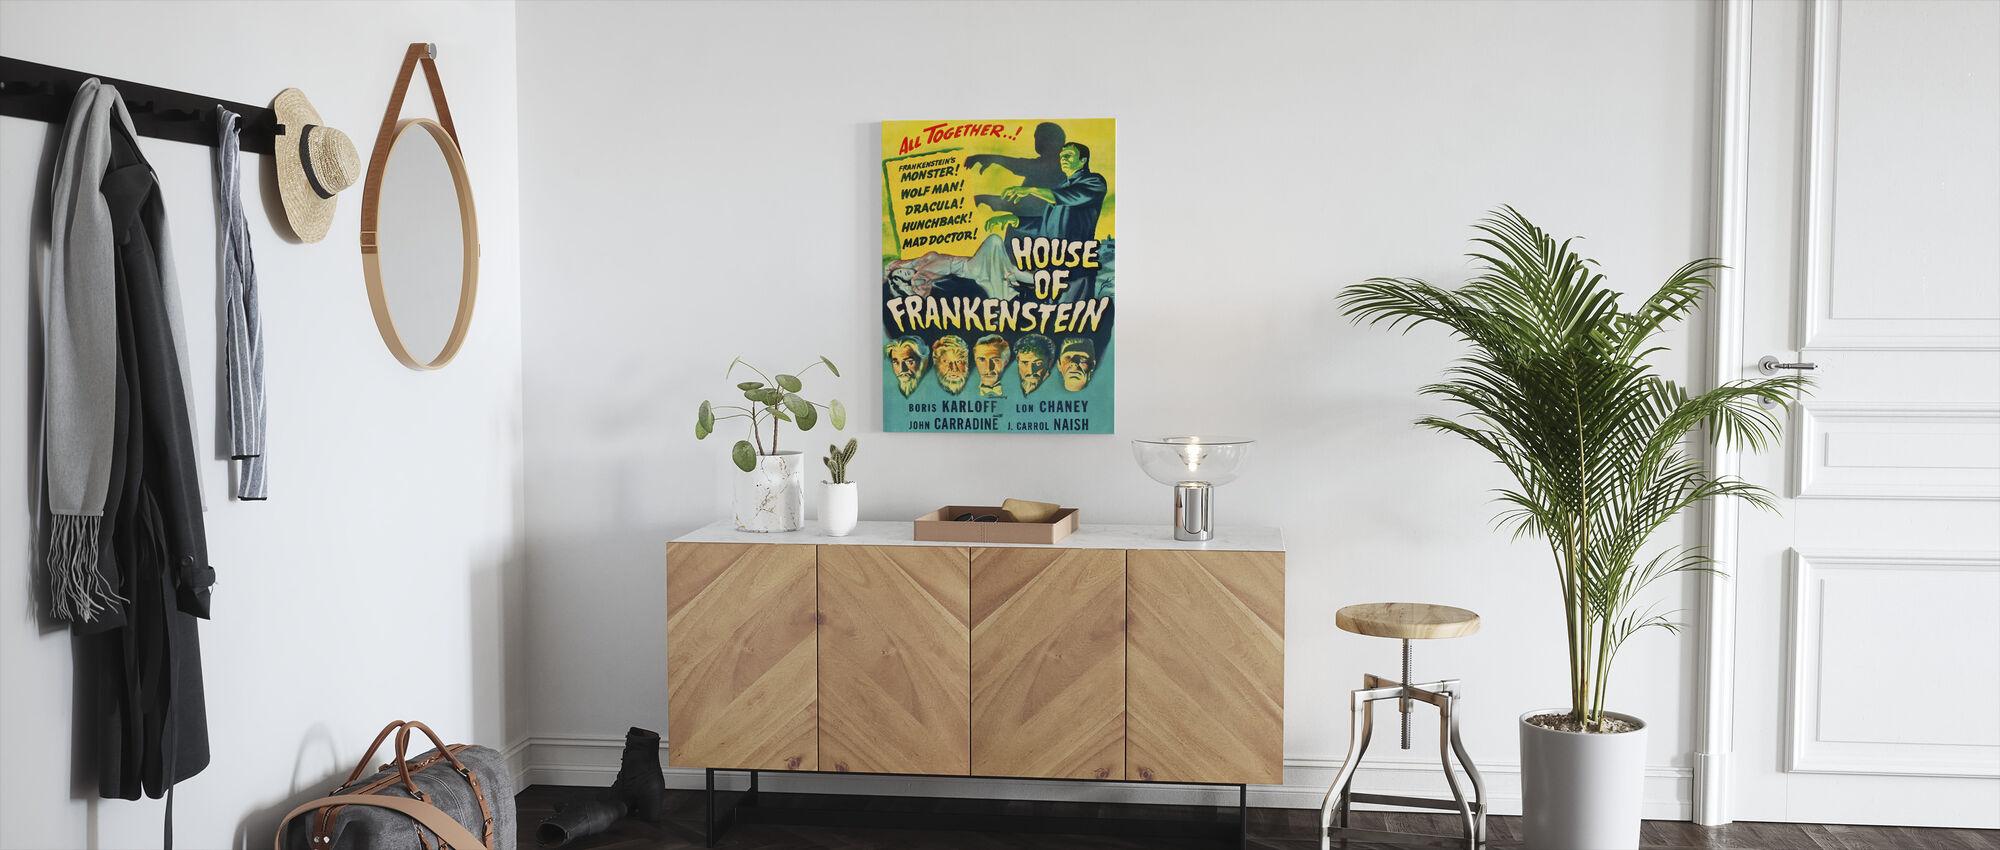 House of Frankenstein - Canvas print - Hallway